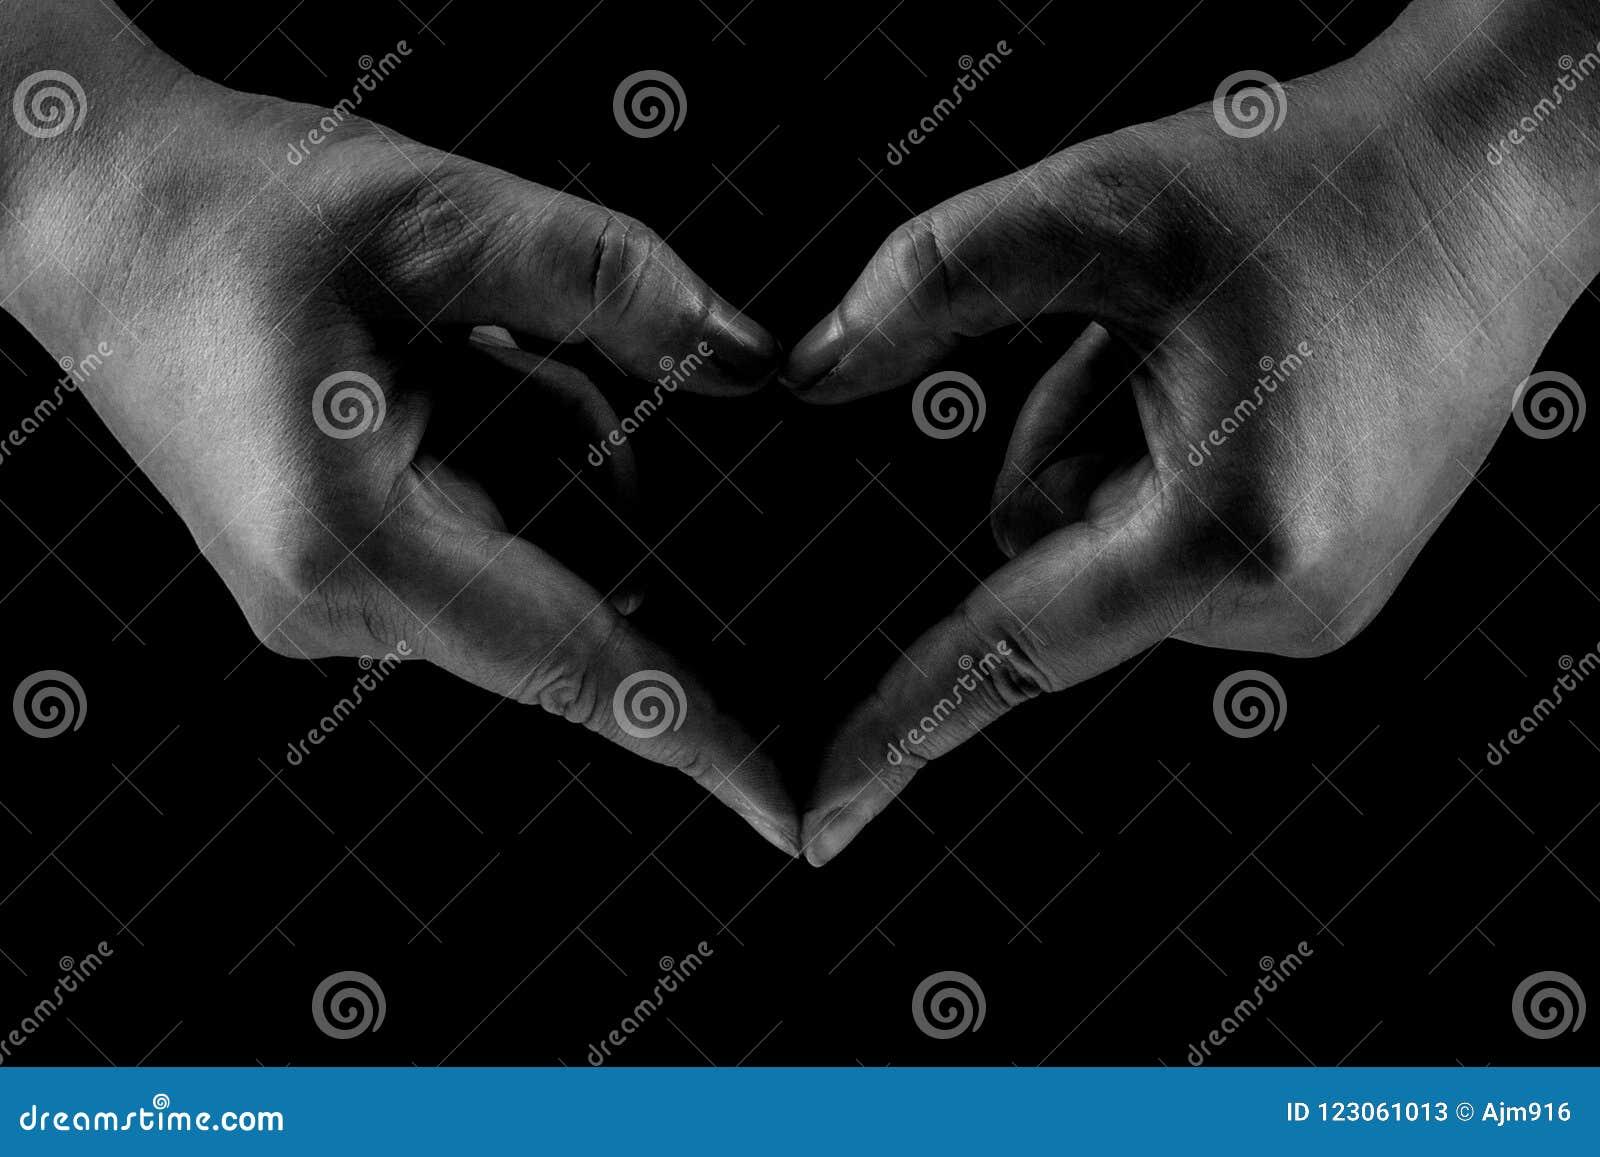 Isolement étroit De Mains En Forme De Coeur Noir Et Blanc